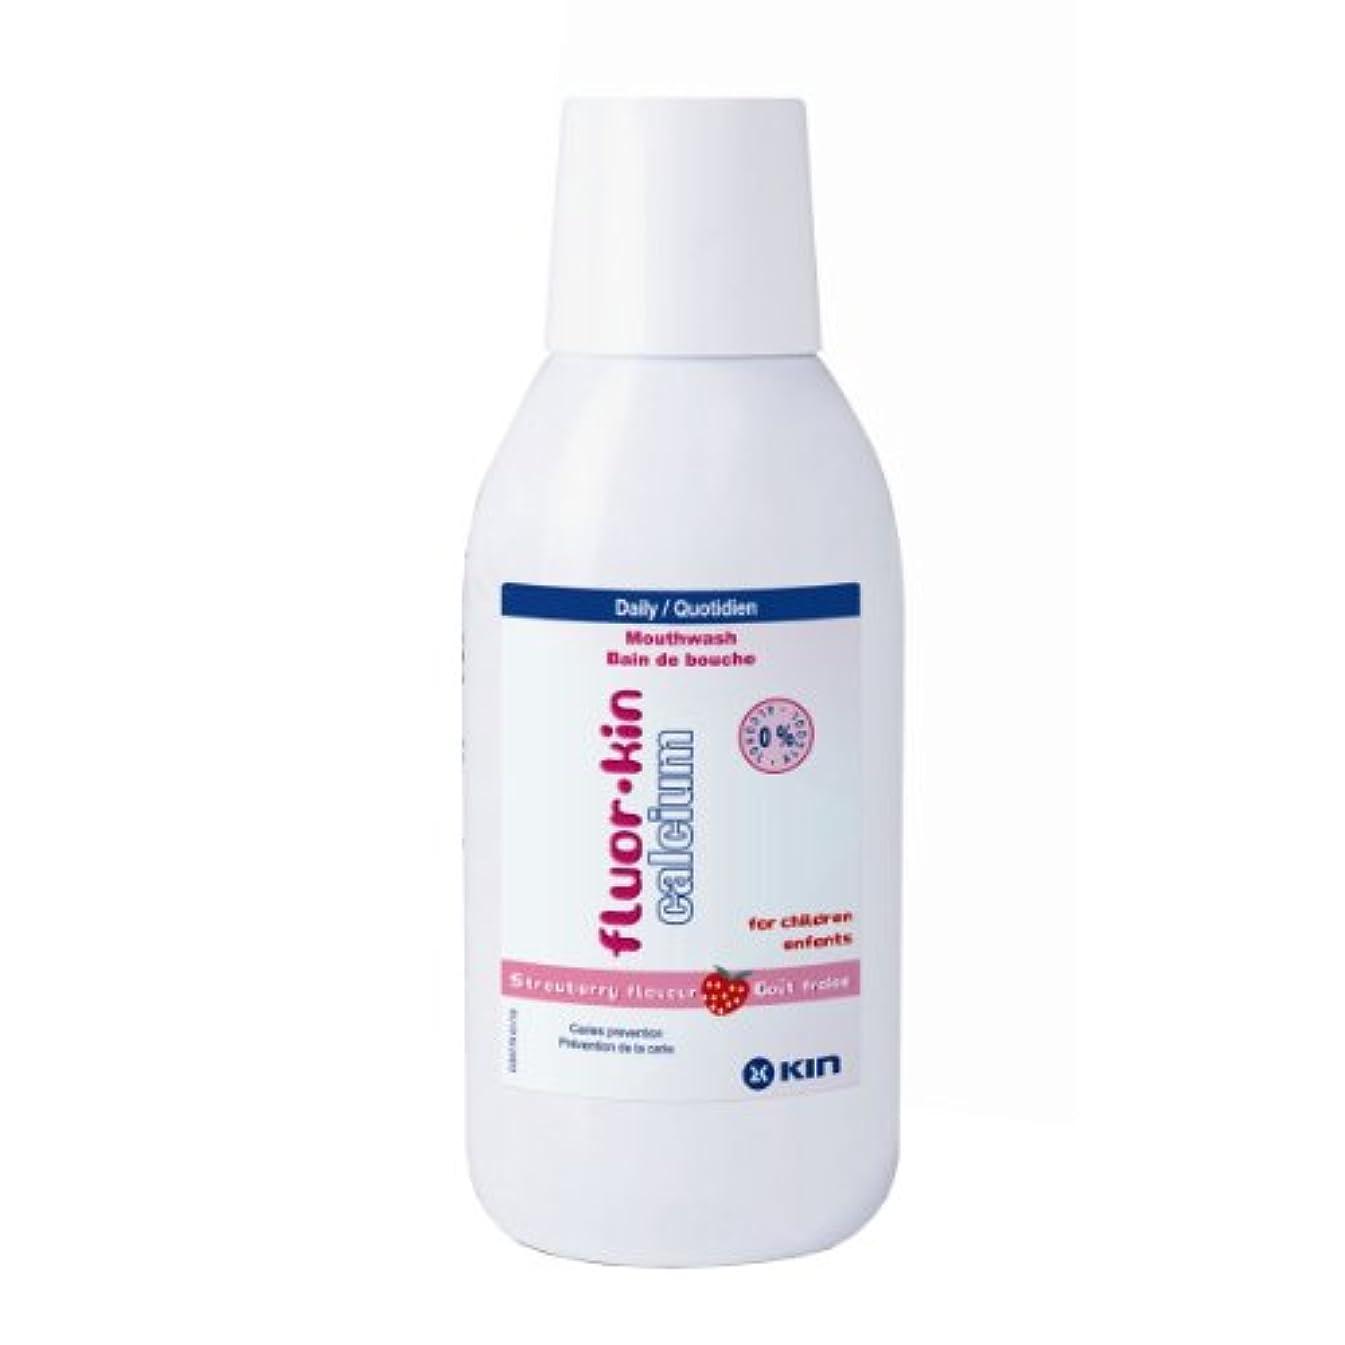 キャラバン子豚炭水化物Kin Fluor Kin Calcium Mouthwash Strawberry 500ml [並行輸入品]